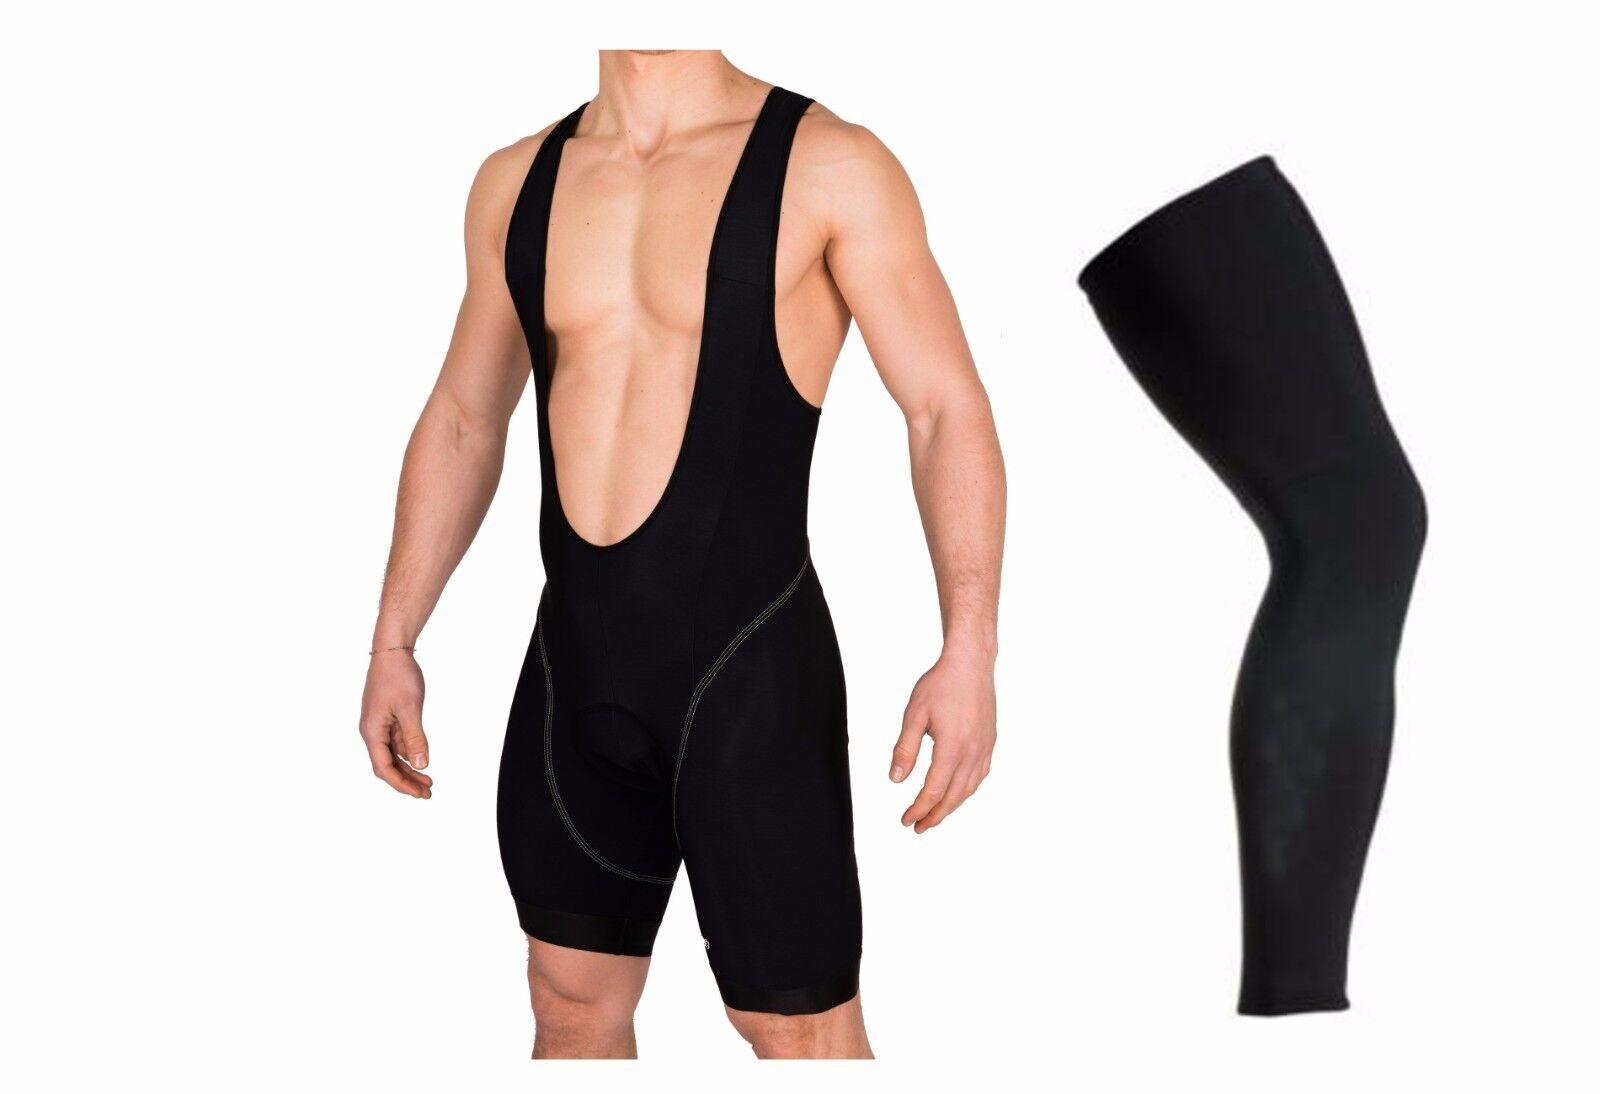 Panta corto felpato ciclismo + gambale termico felpato abbigliaSieto bici mtb